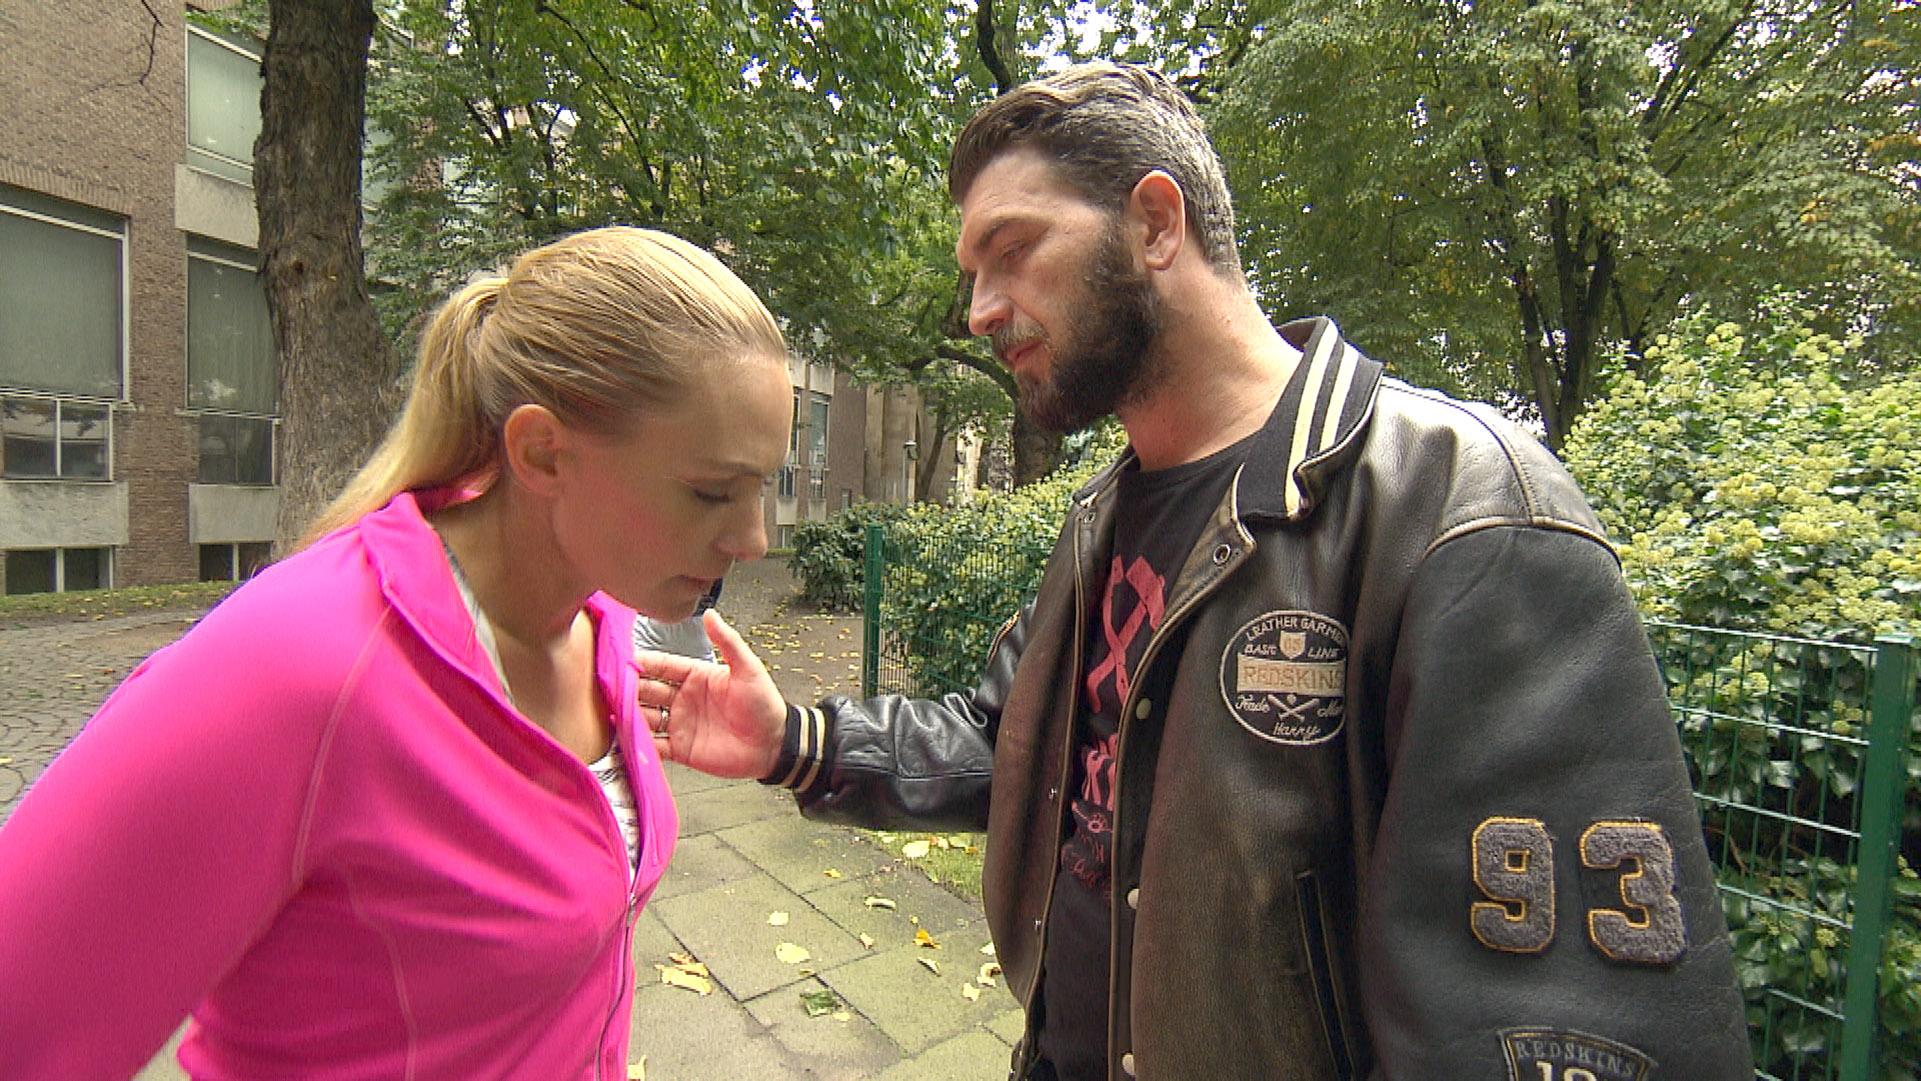 Alex leidet unter der Trennung von Inka und glaubt enttäuscht, dass sie das drohende Ende der Beziehung kalt lässt. (Quelle: RTL 2)